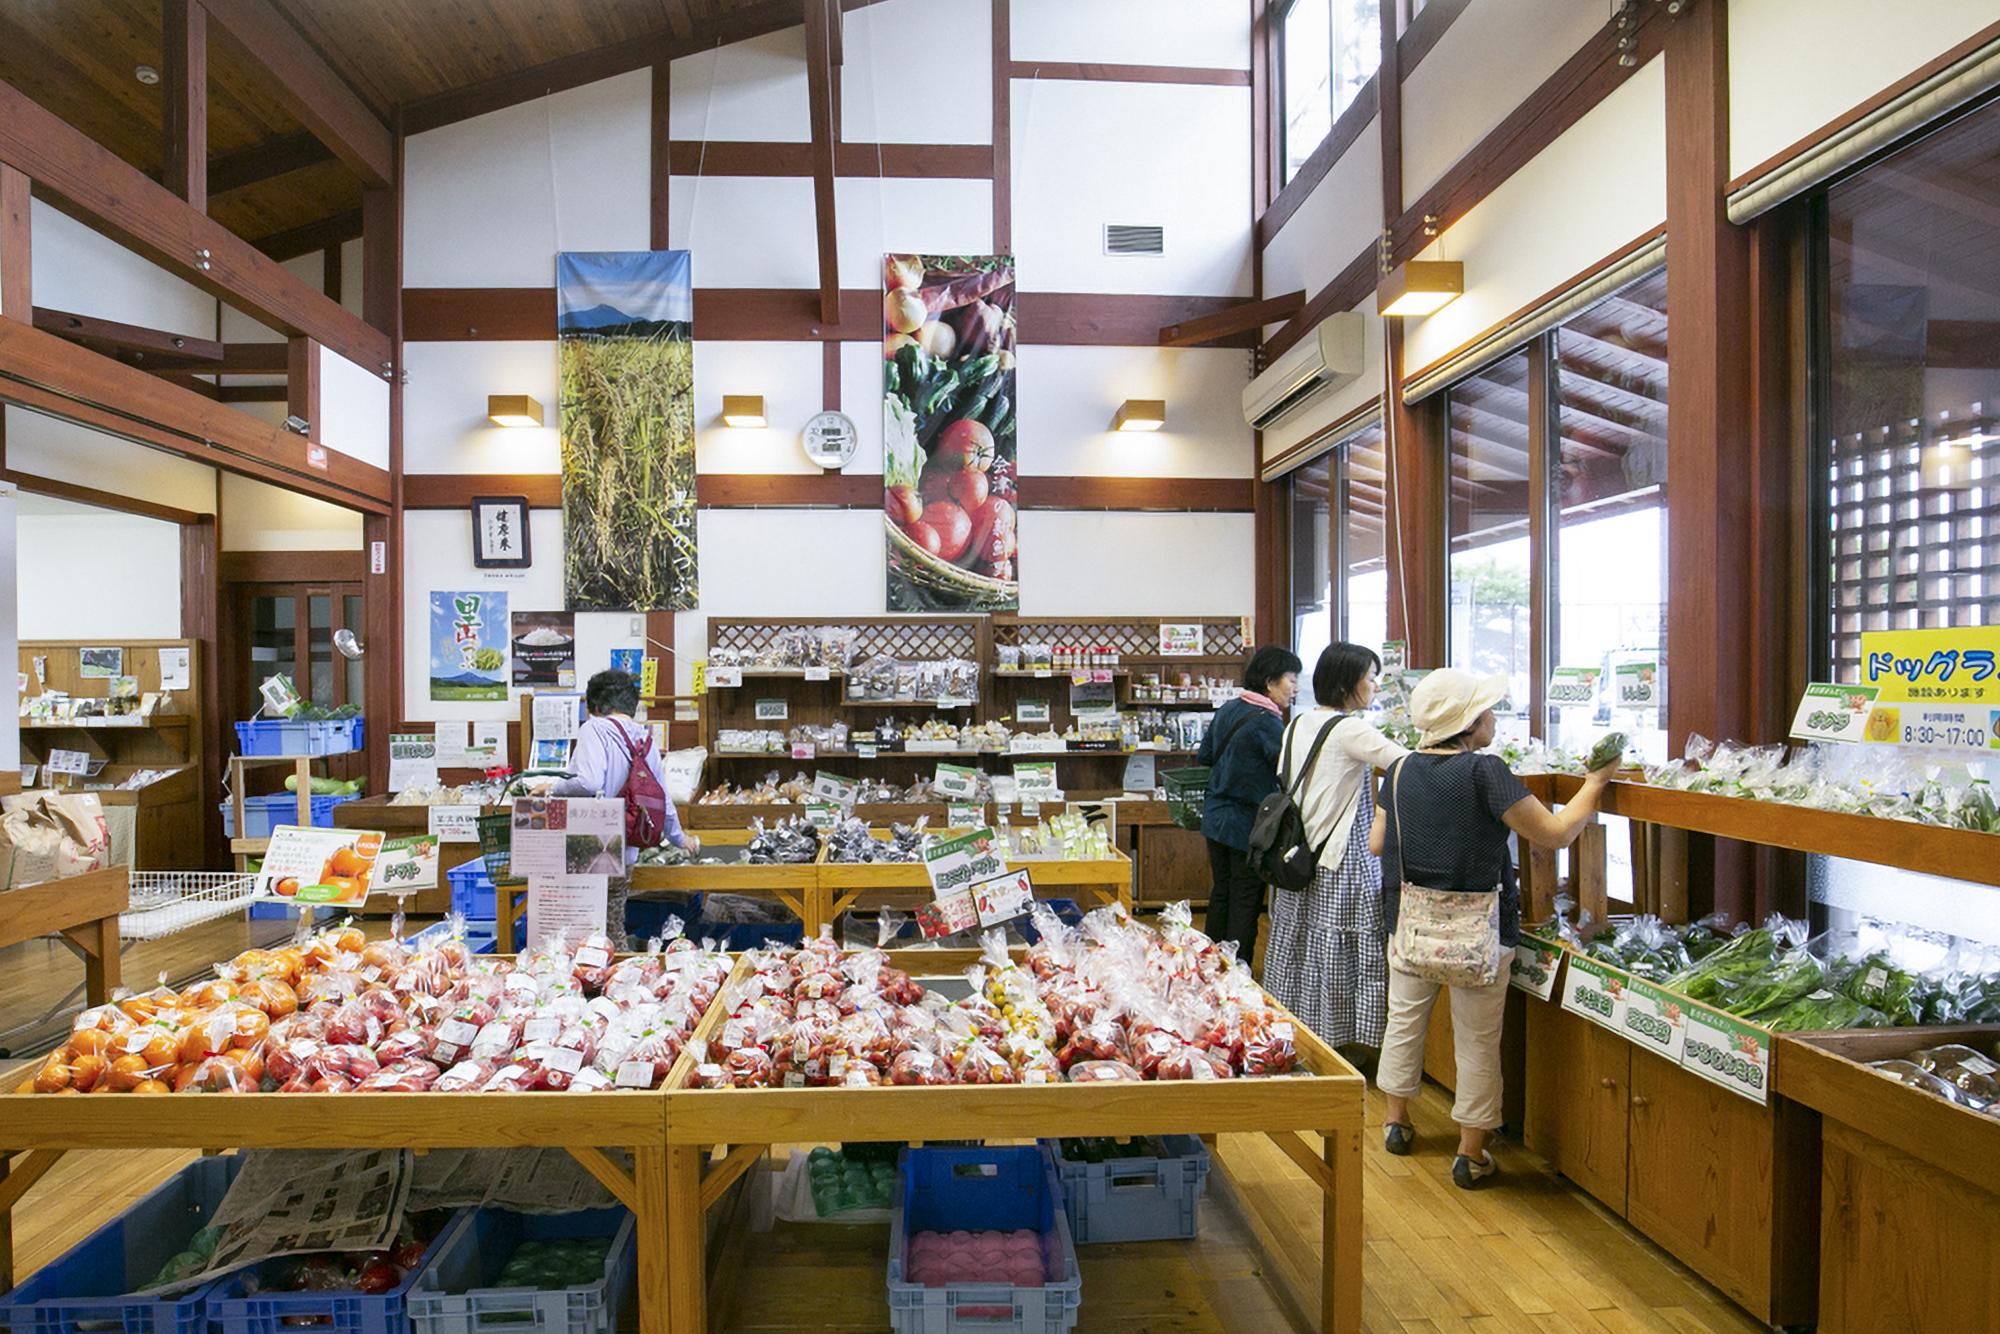 新鮮な地野菜が並ぶ生産者直売所。手作りの惣菜も人気